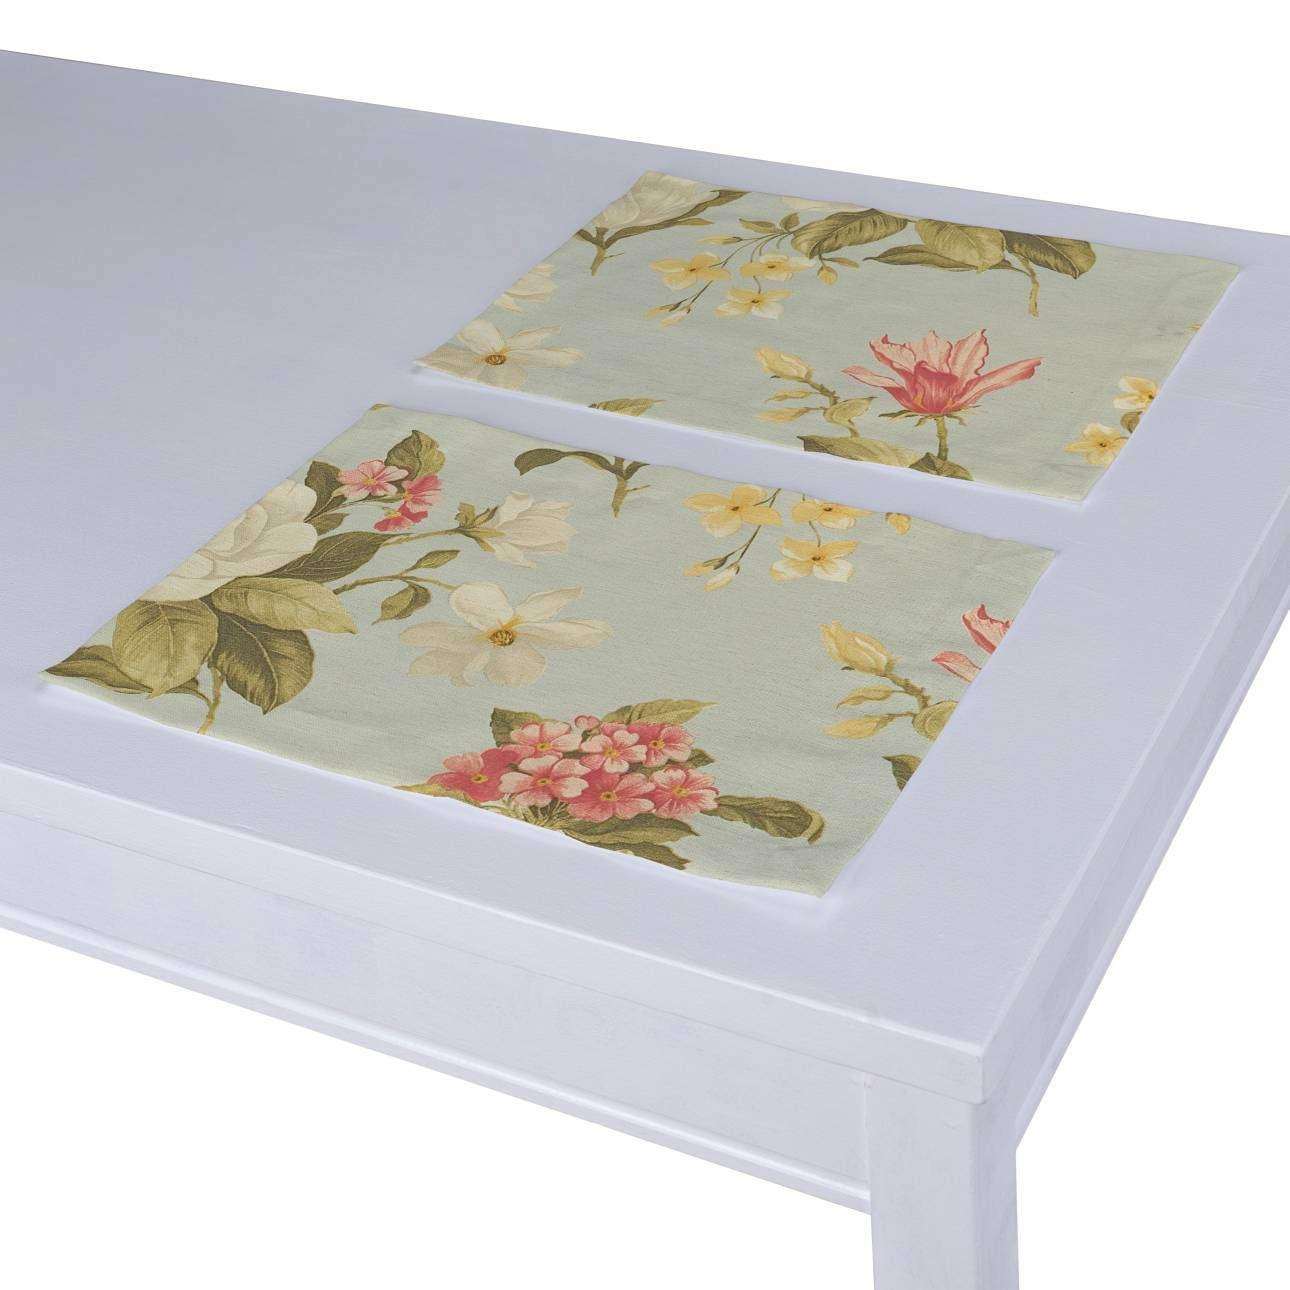 Tischset 2 Stck. 30 x 40 cm von der Kollektion Londres, Stoff: 123-65